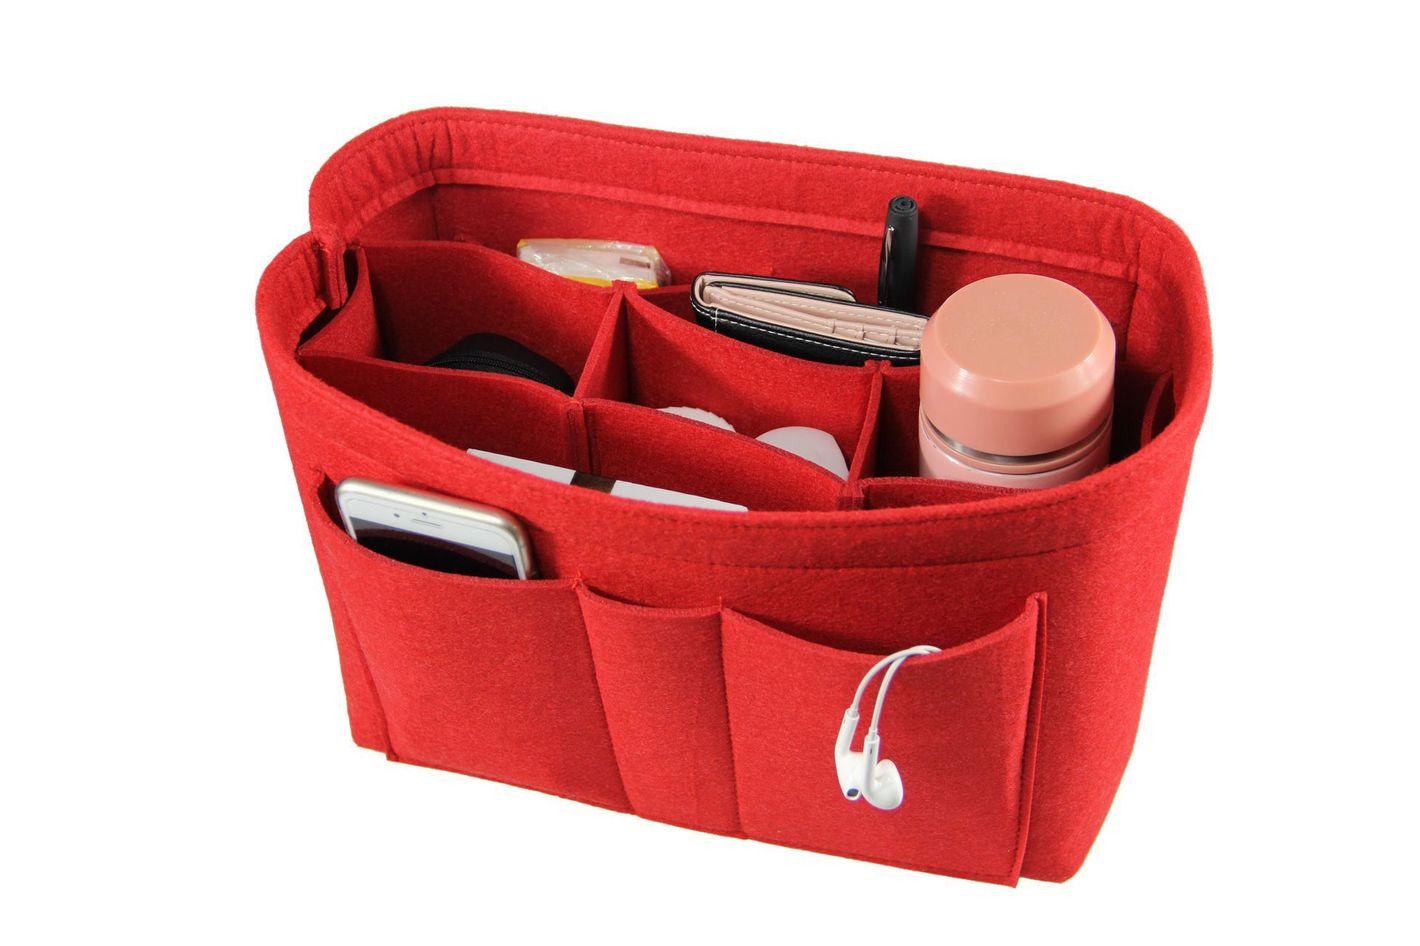 How to Organize Your Handbag or Purse 57e7079ca3b18